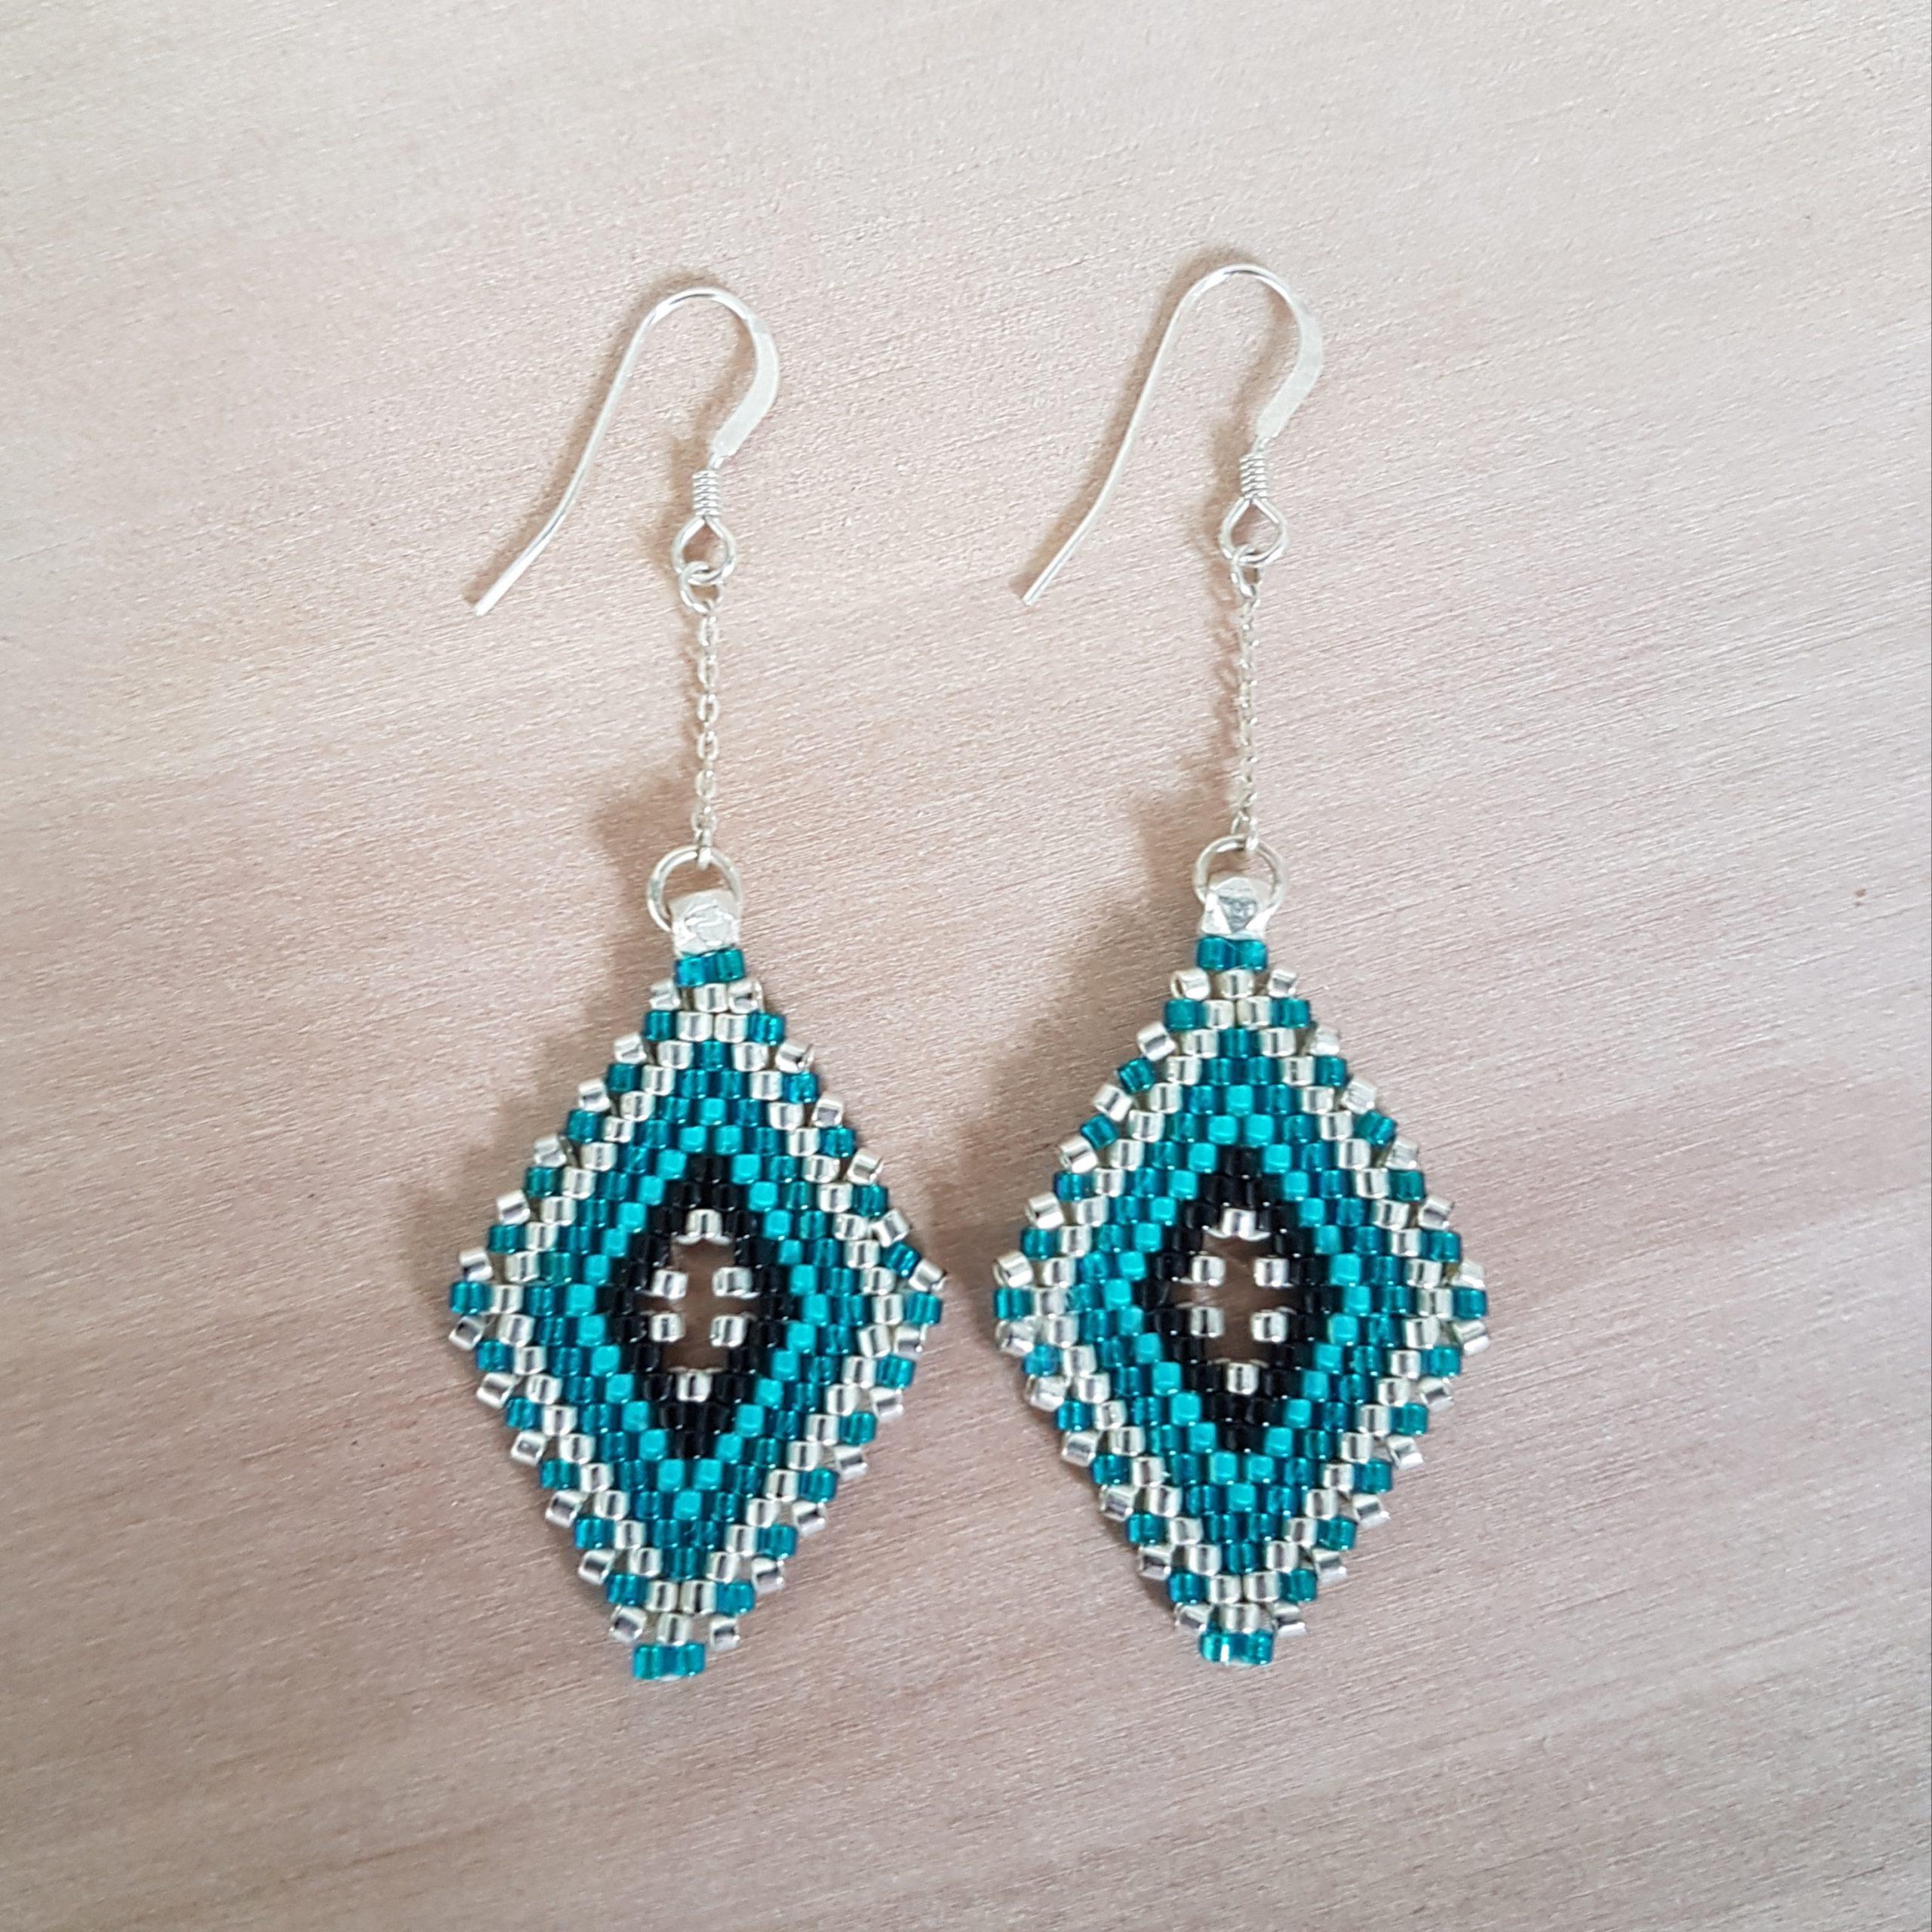 Boucles d'oreilles LINA [turquoise]